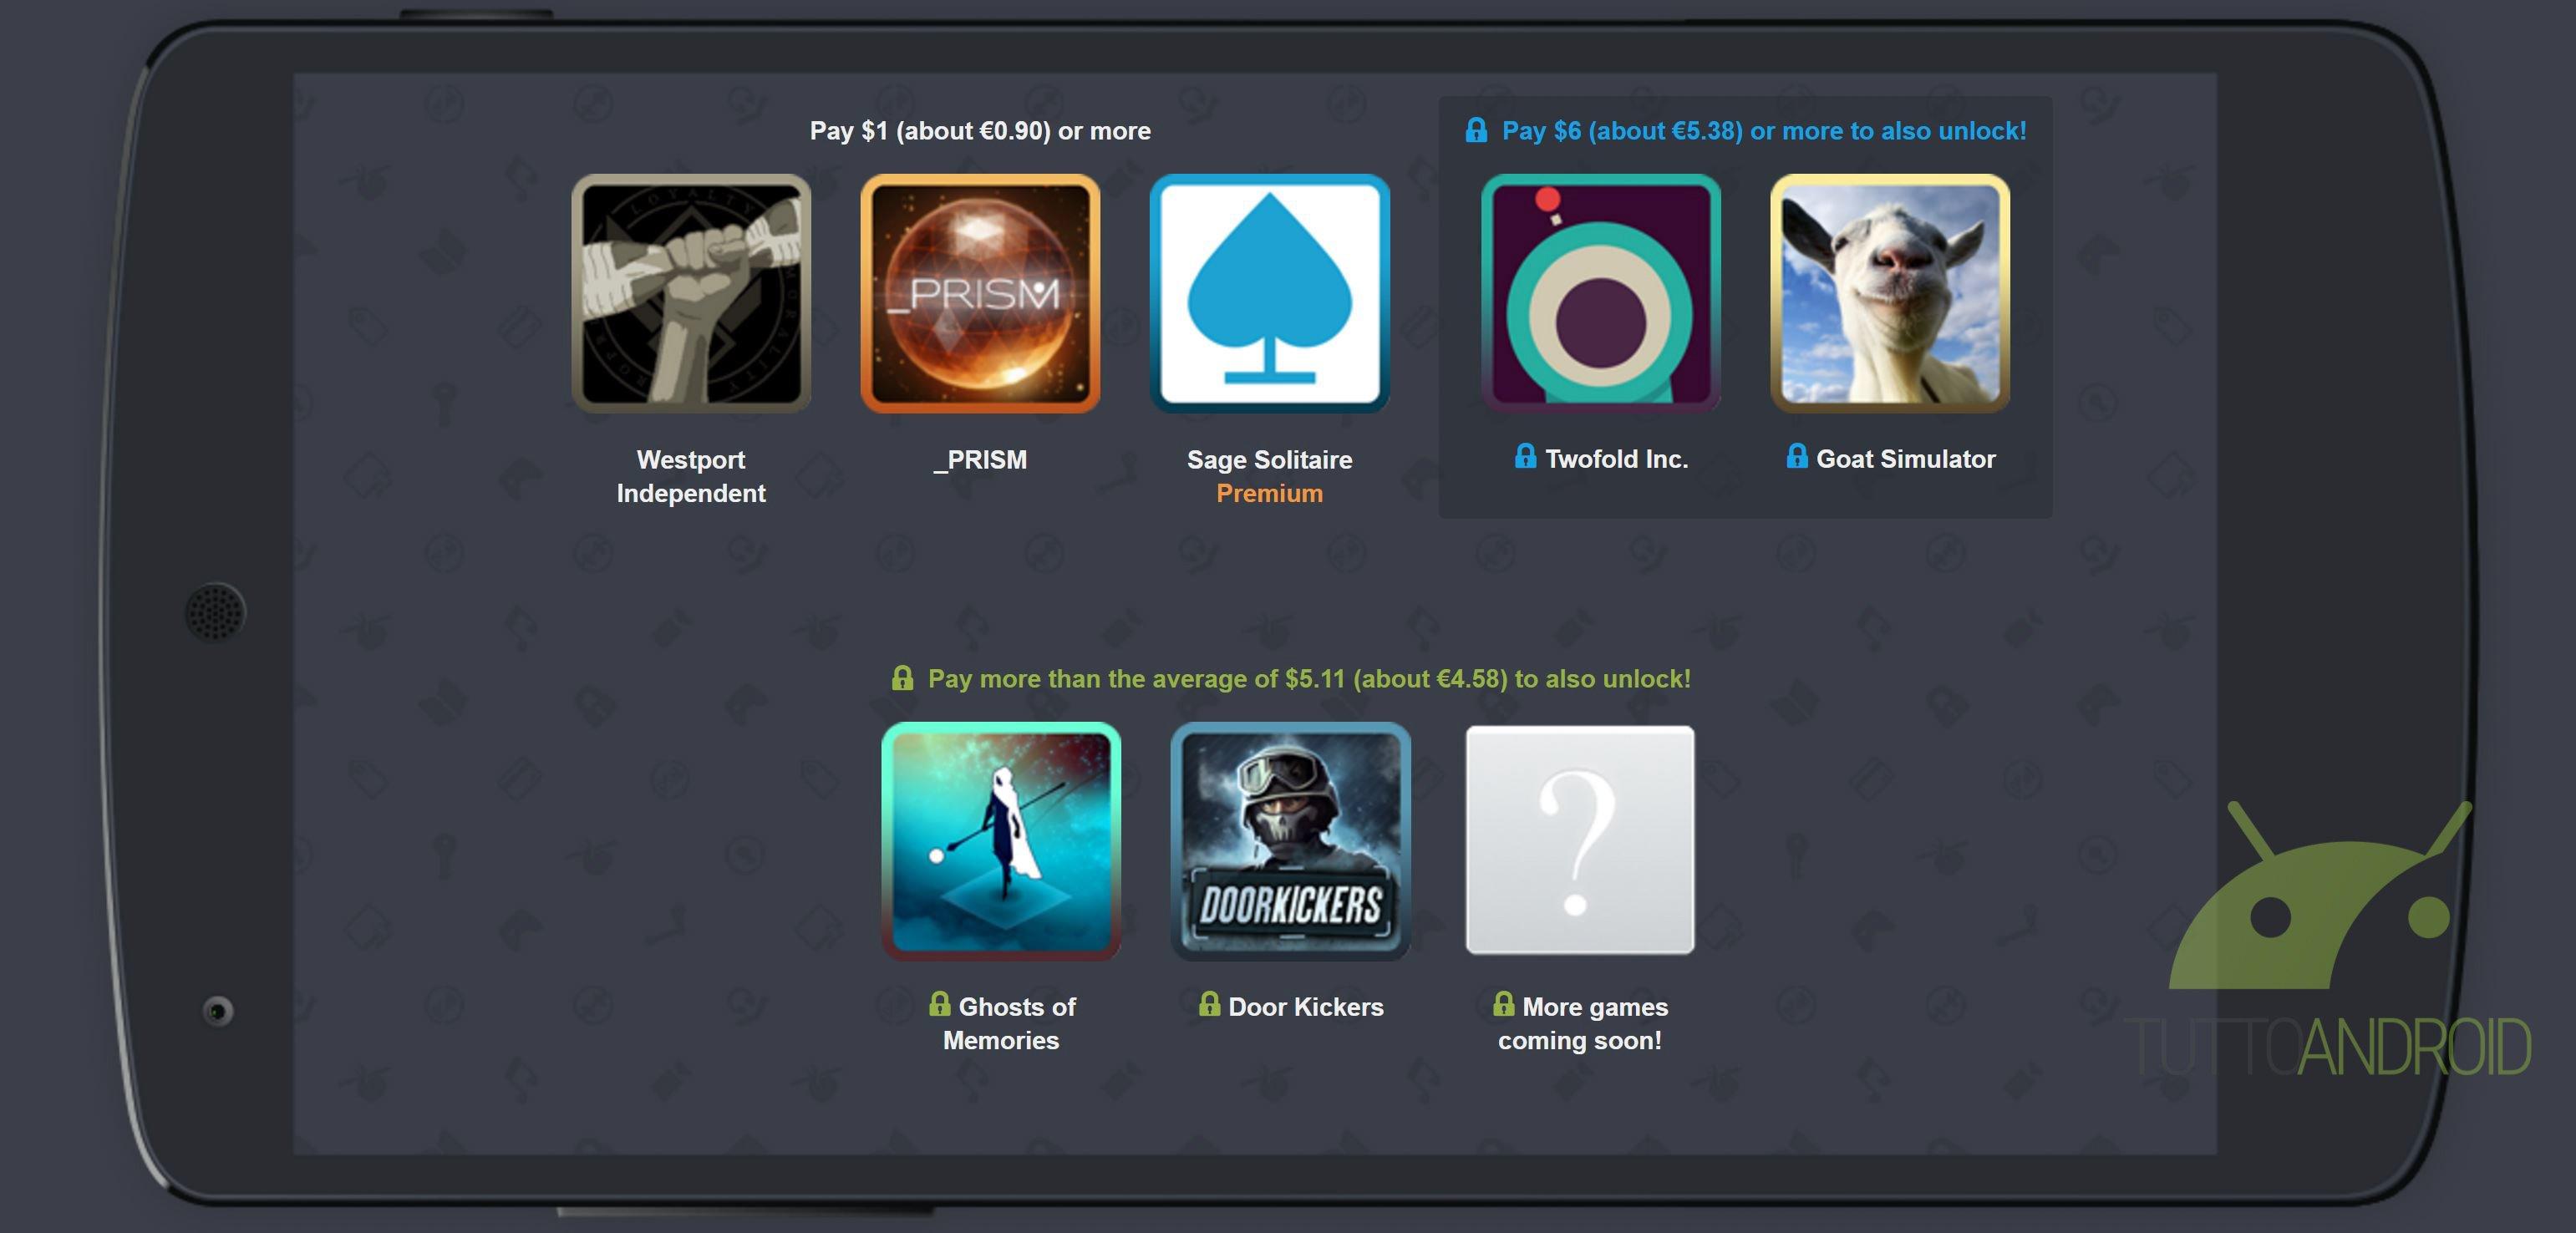 Humble Mobile Bundle 21 offre Goat Simulator, _PRISM e tanto altro